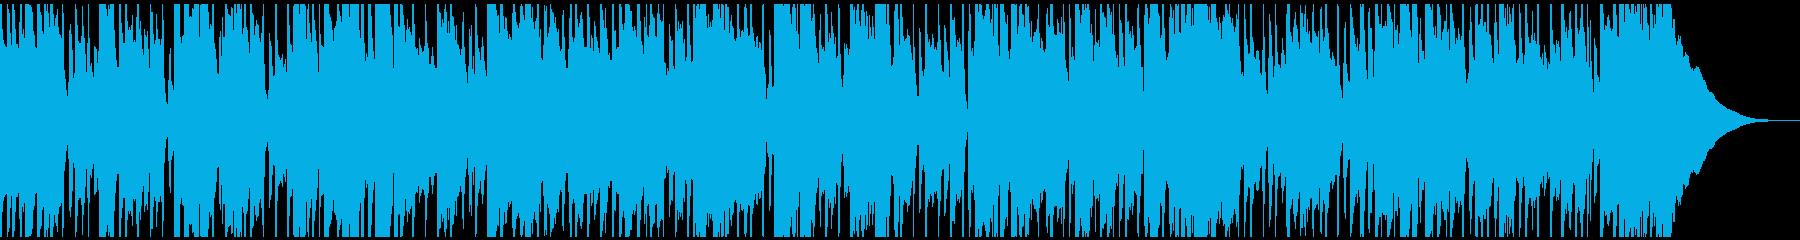 生音エレキギターの軽快でレトロなポップ曲の再生済みの波形